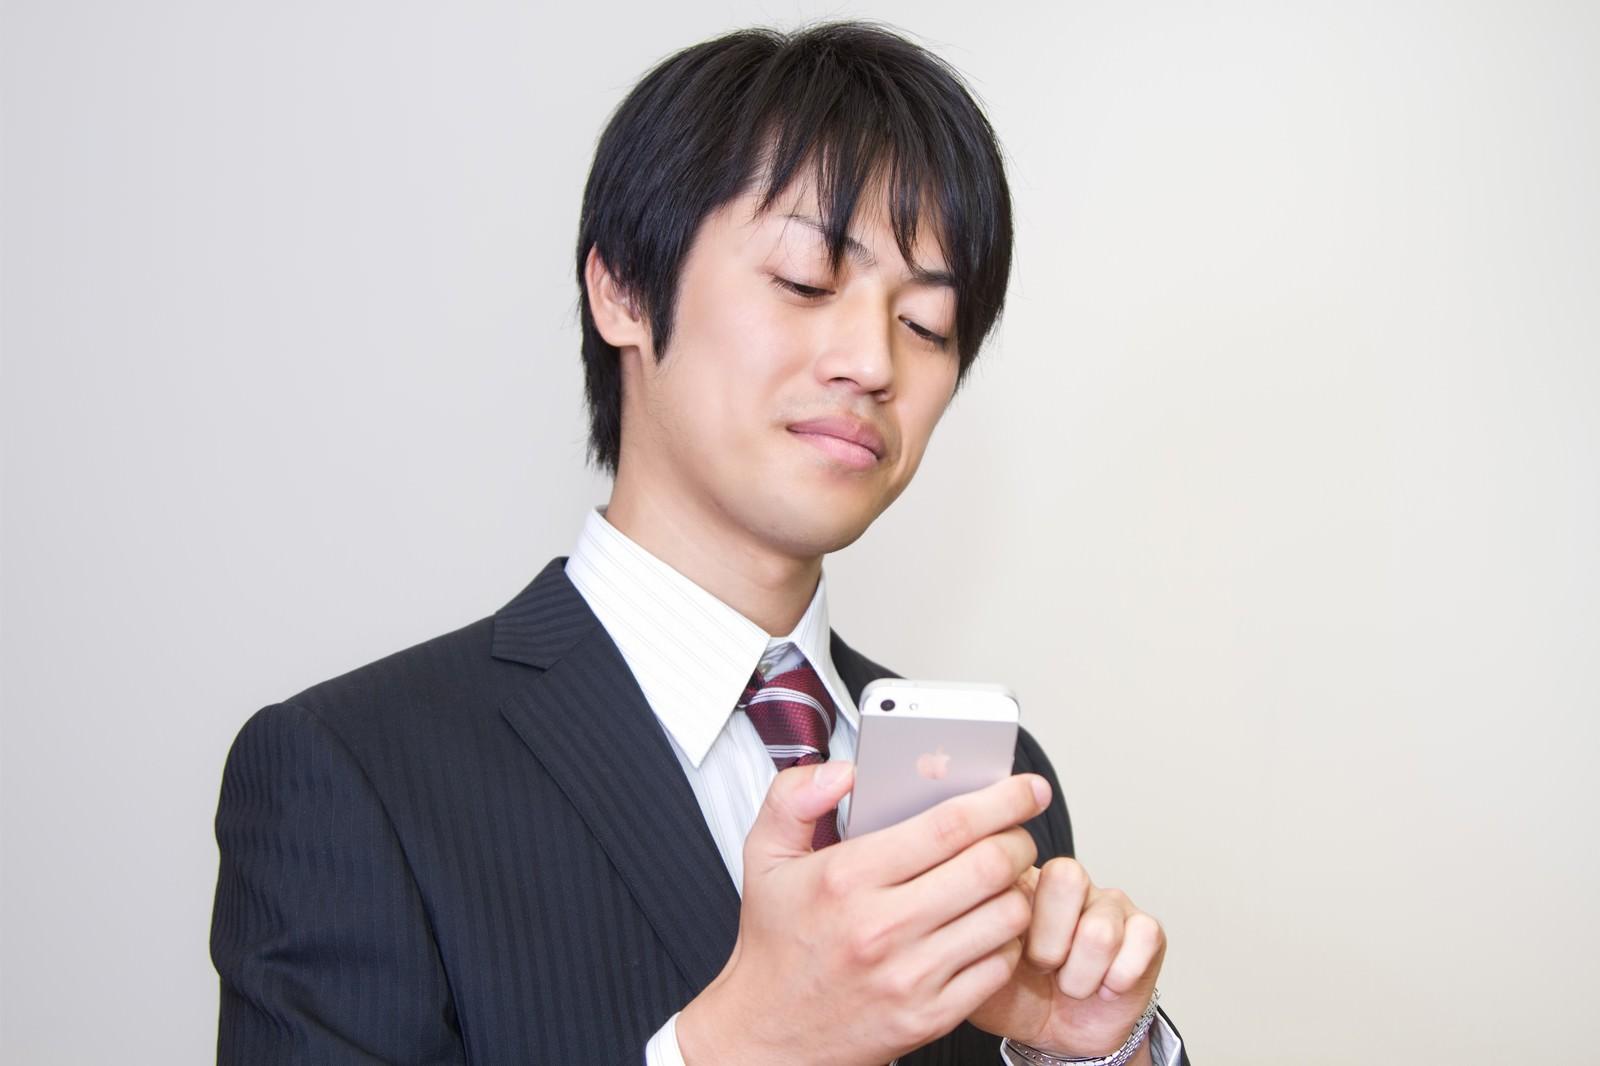 「ニヤニヤしながらスマホをいじるサラリーマン」の写真[モデル:Tsuyoshi.]